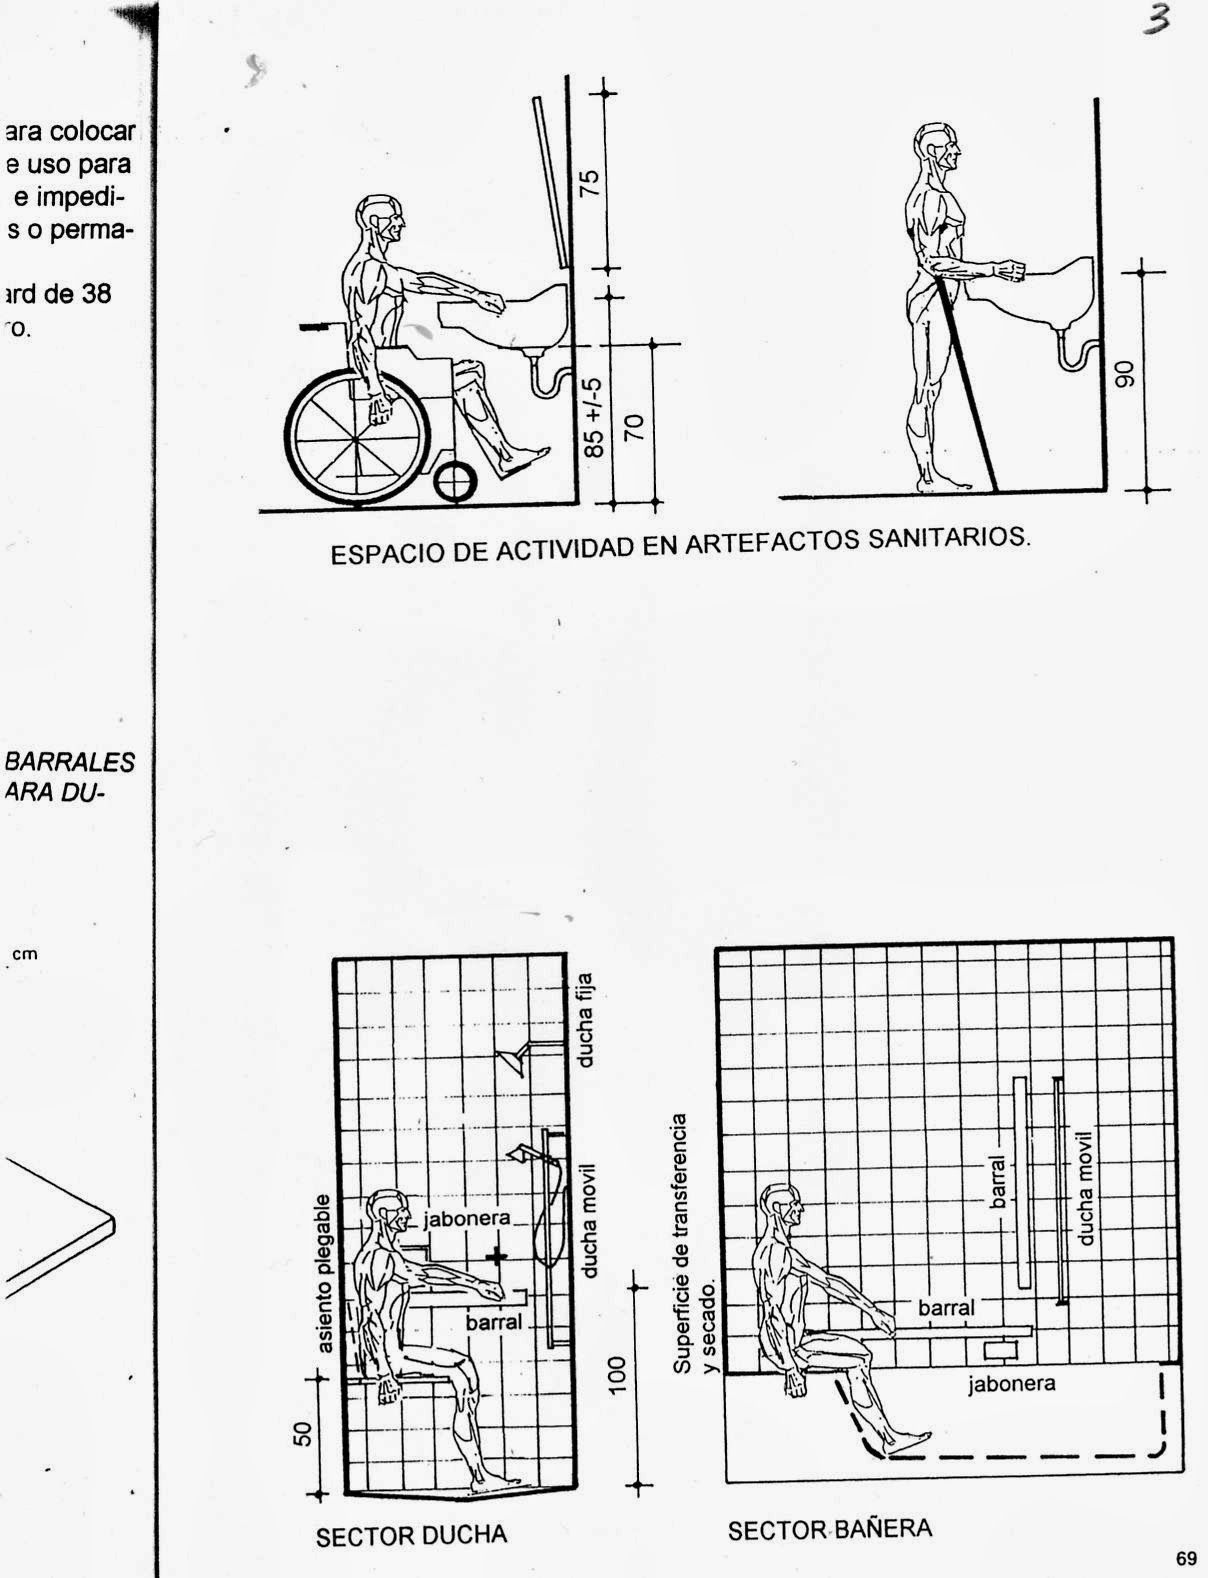 accesibilidad para discapacitados arquitectura medidas On medidas antropometricas para discapacitados